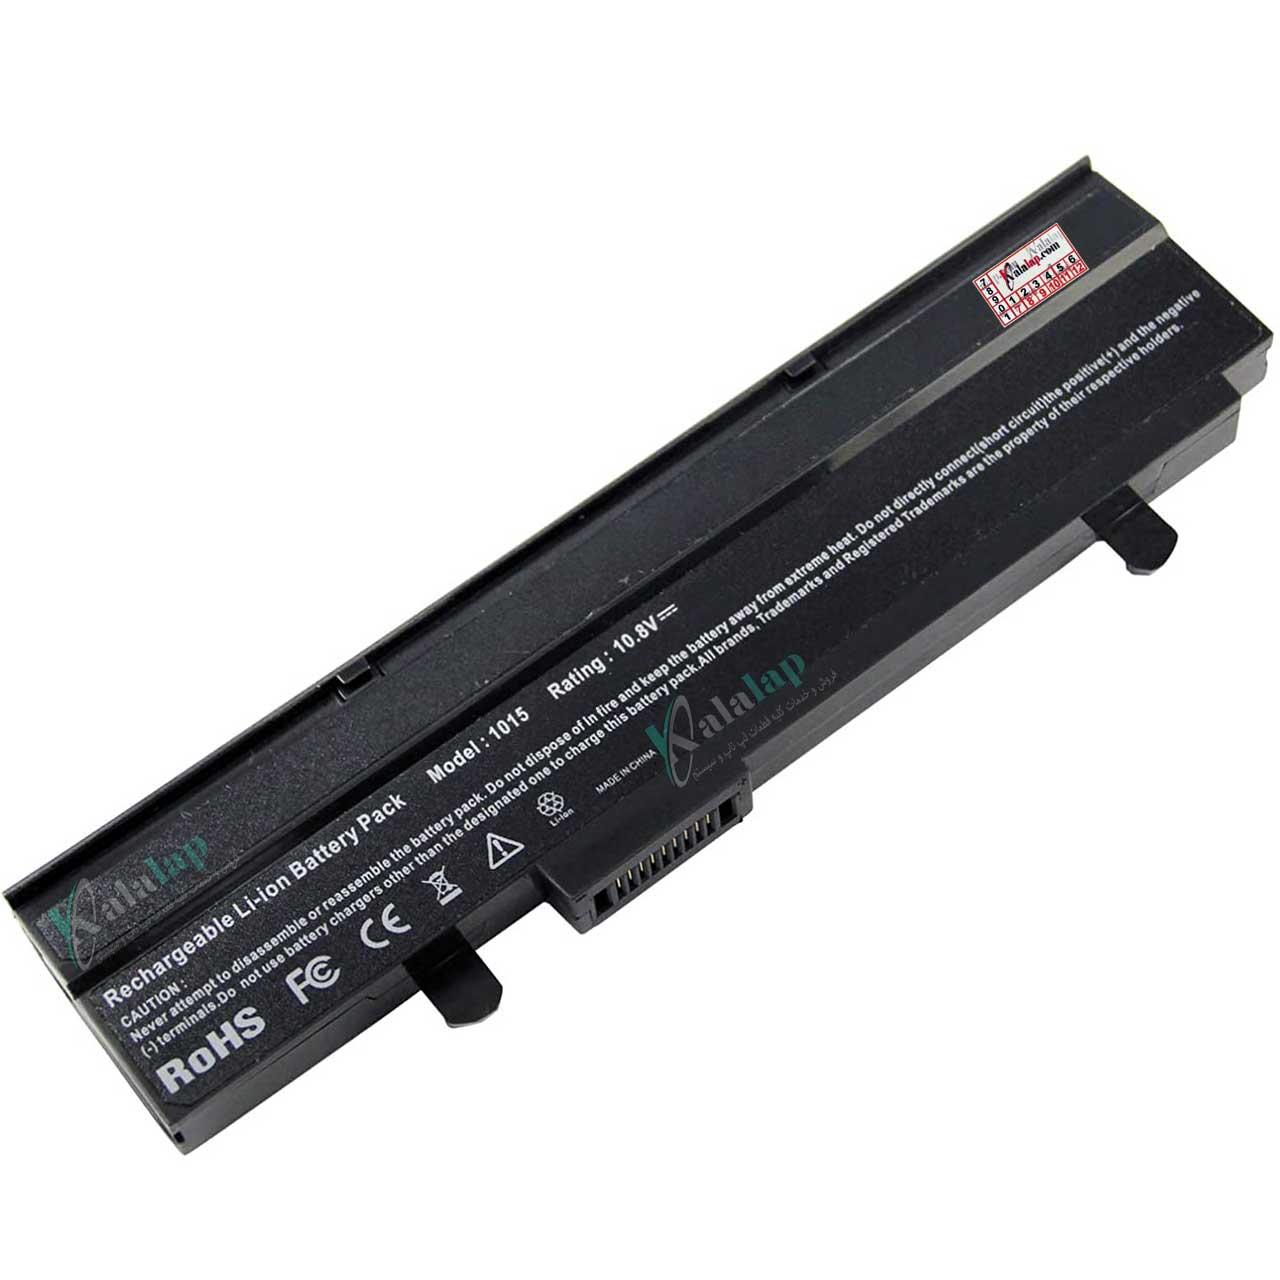 باتری لپ تاپ ایسوس Battery Laptop ASUS 1015 Black